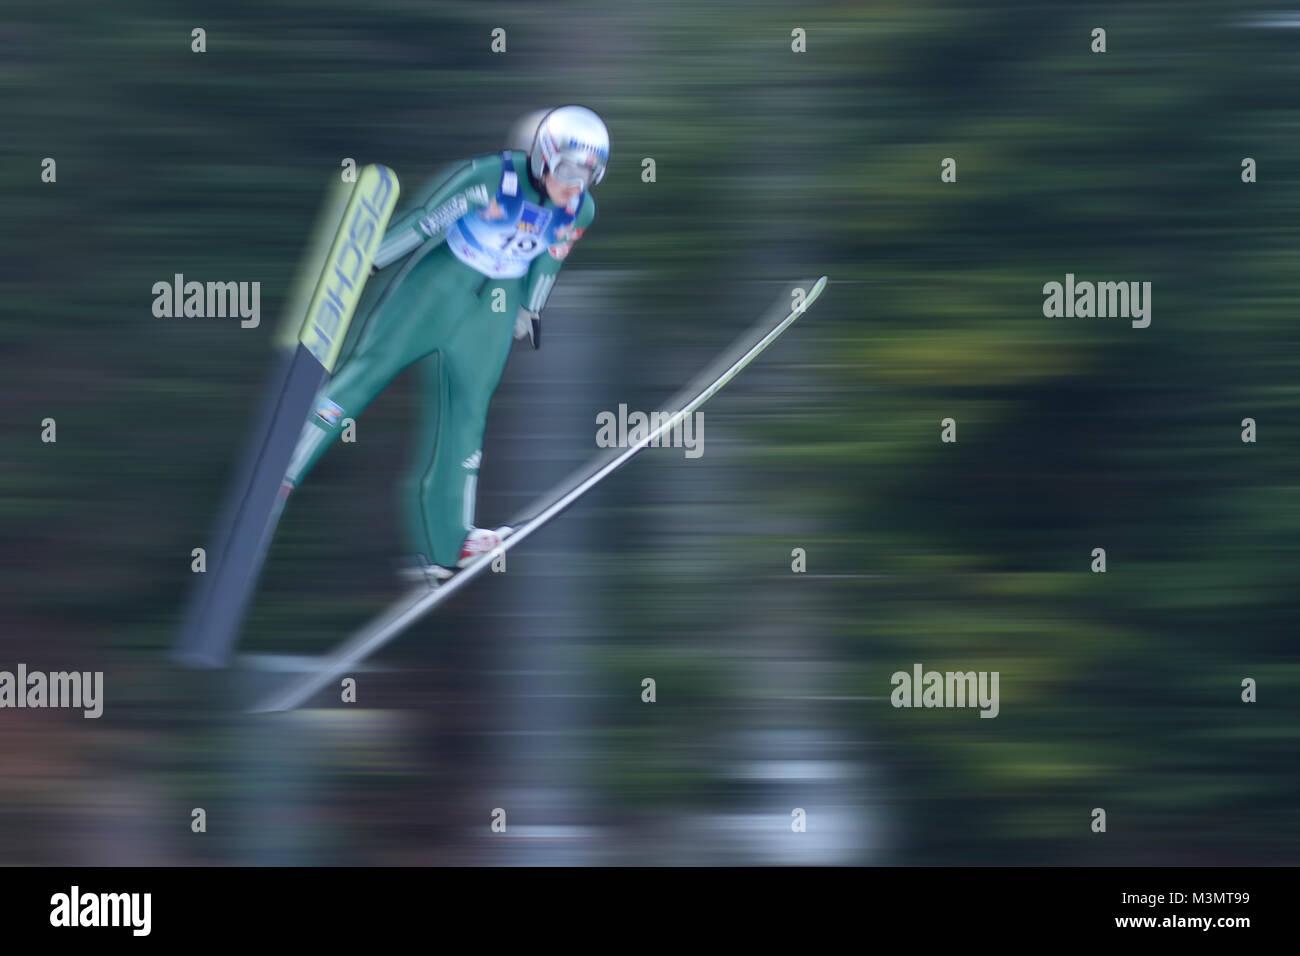 Ski jumper soars with speed in motion blur trough the air. Jumping Hill Ljubno ob Savinji, Slovenia. 27. januar - Stock Image